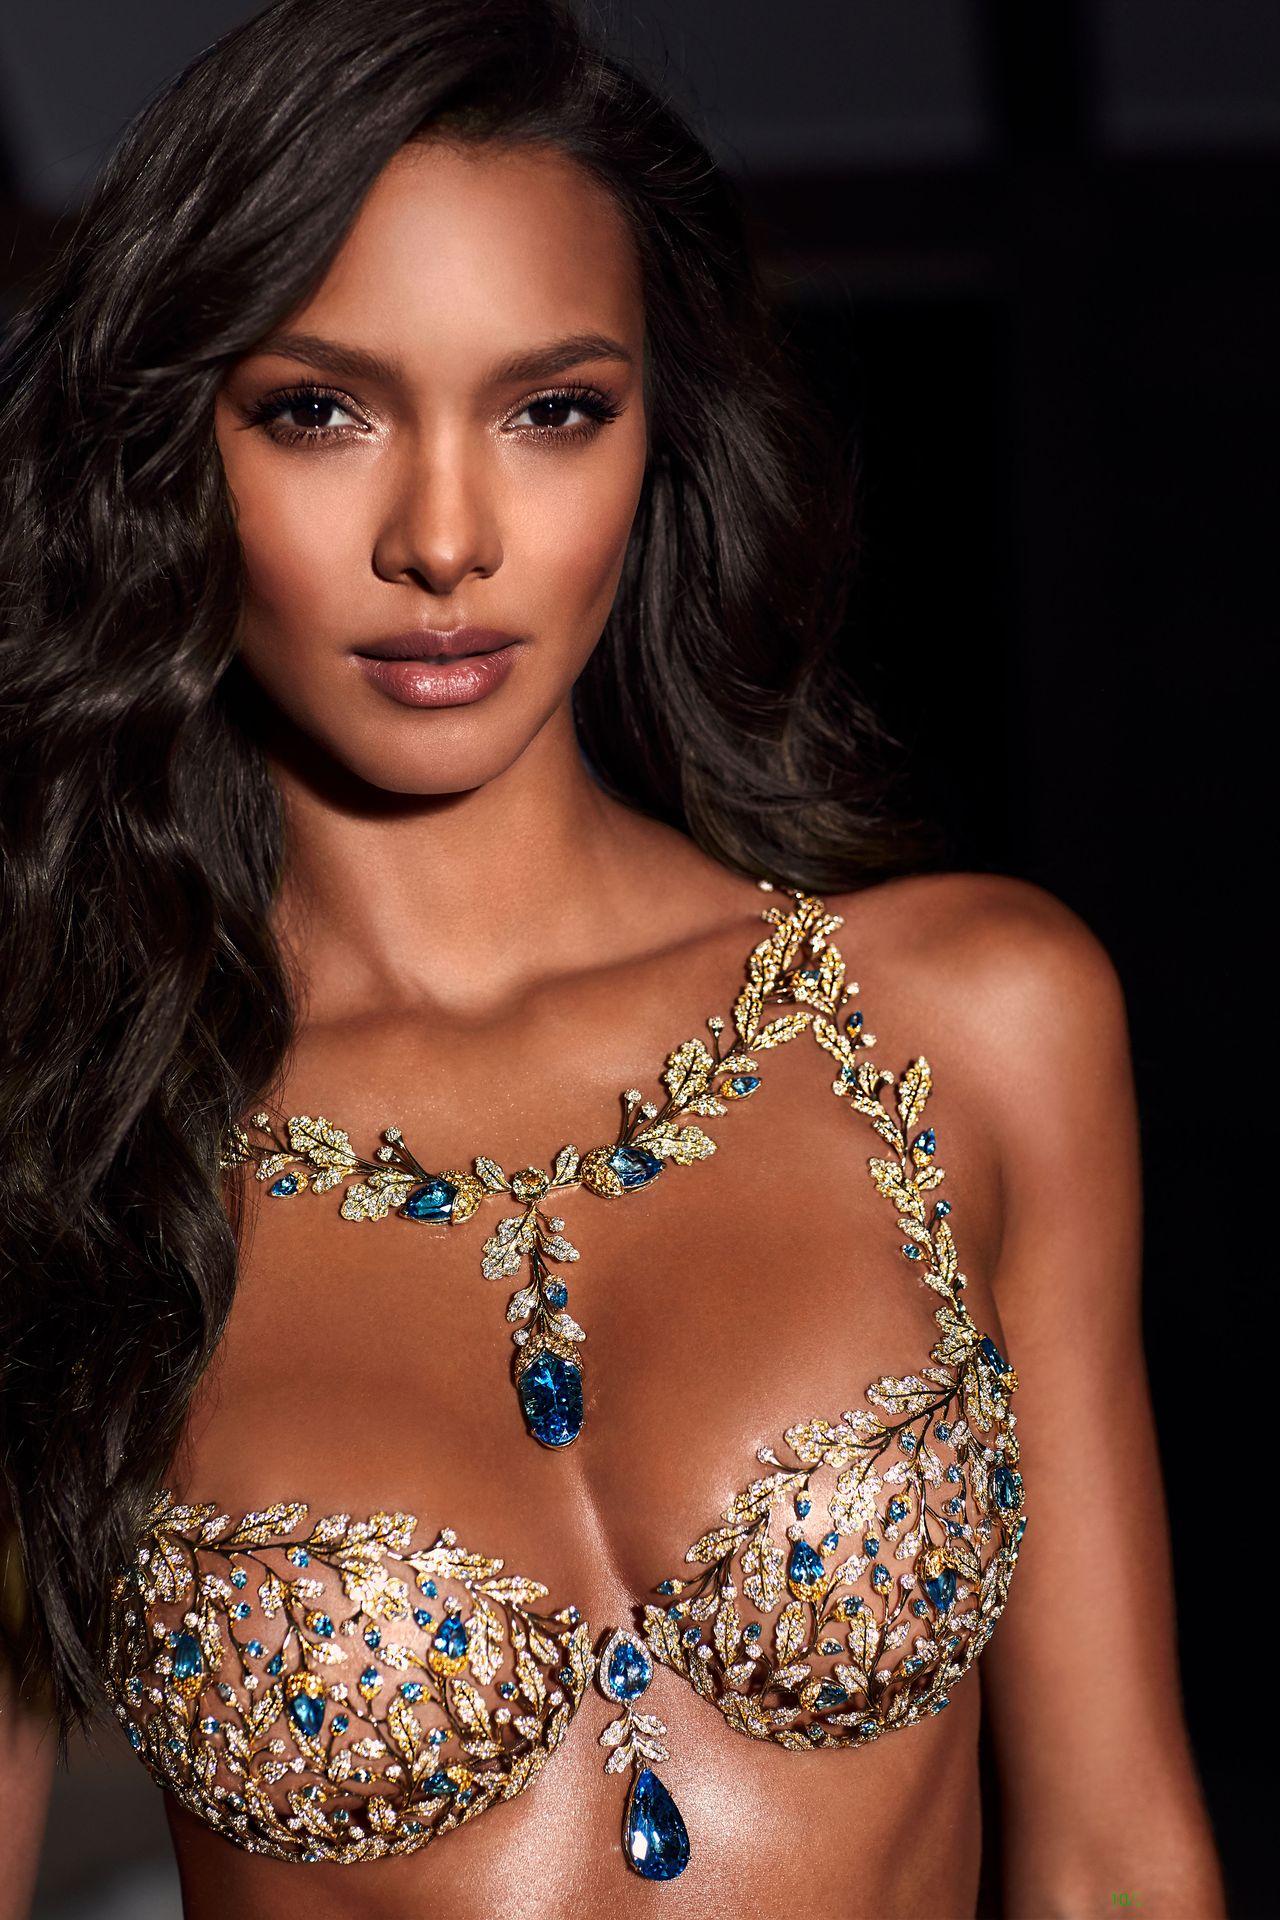 Już dziś Victoria's Secret Fashion Show 2018 - zobaczcie modelki i kosmetyki